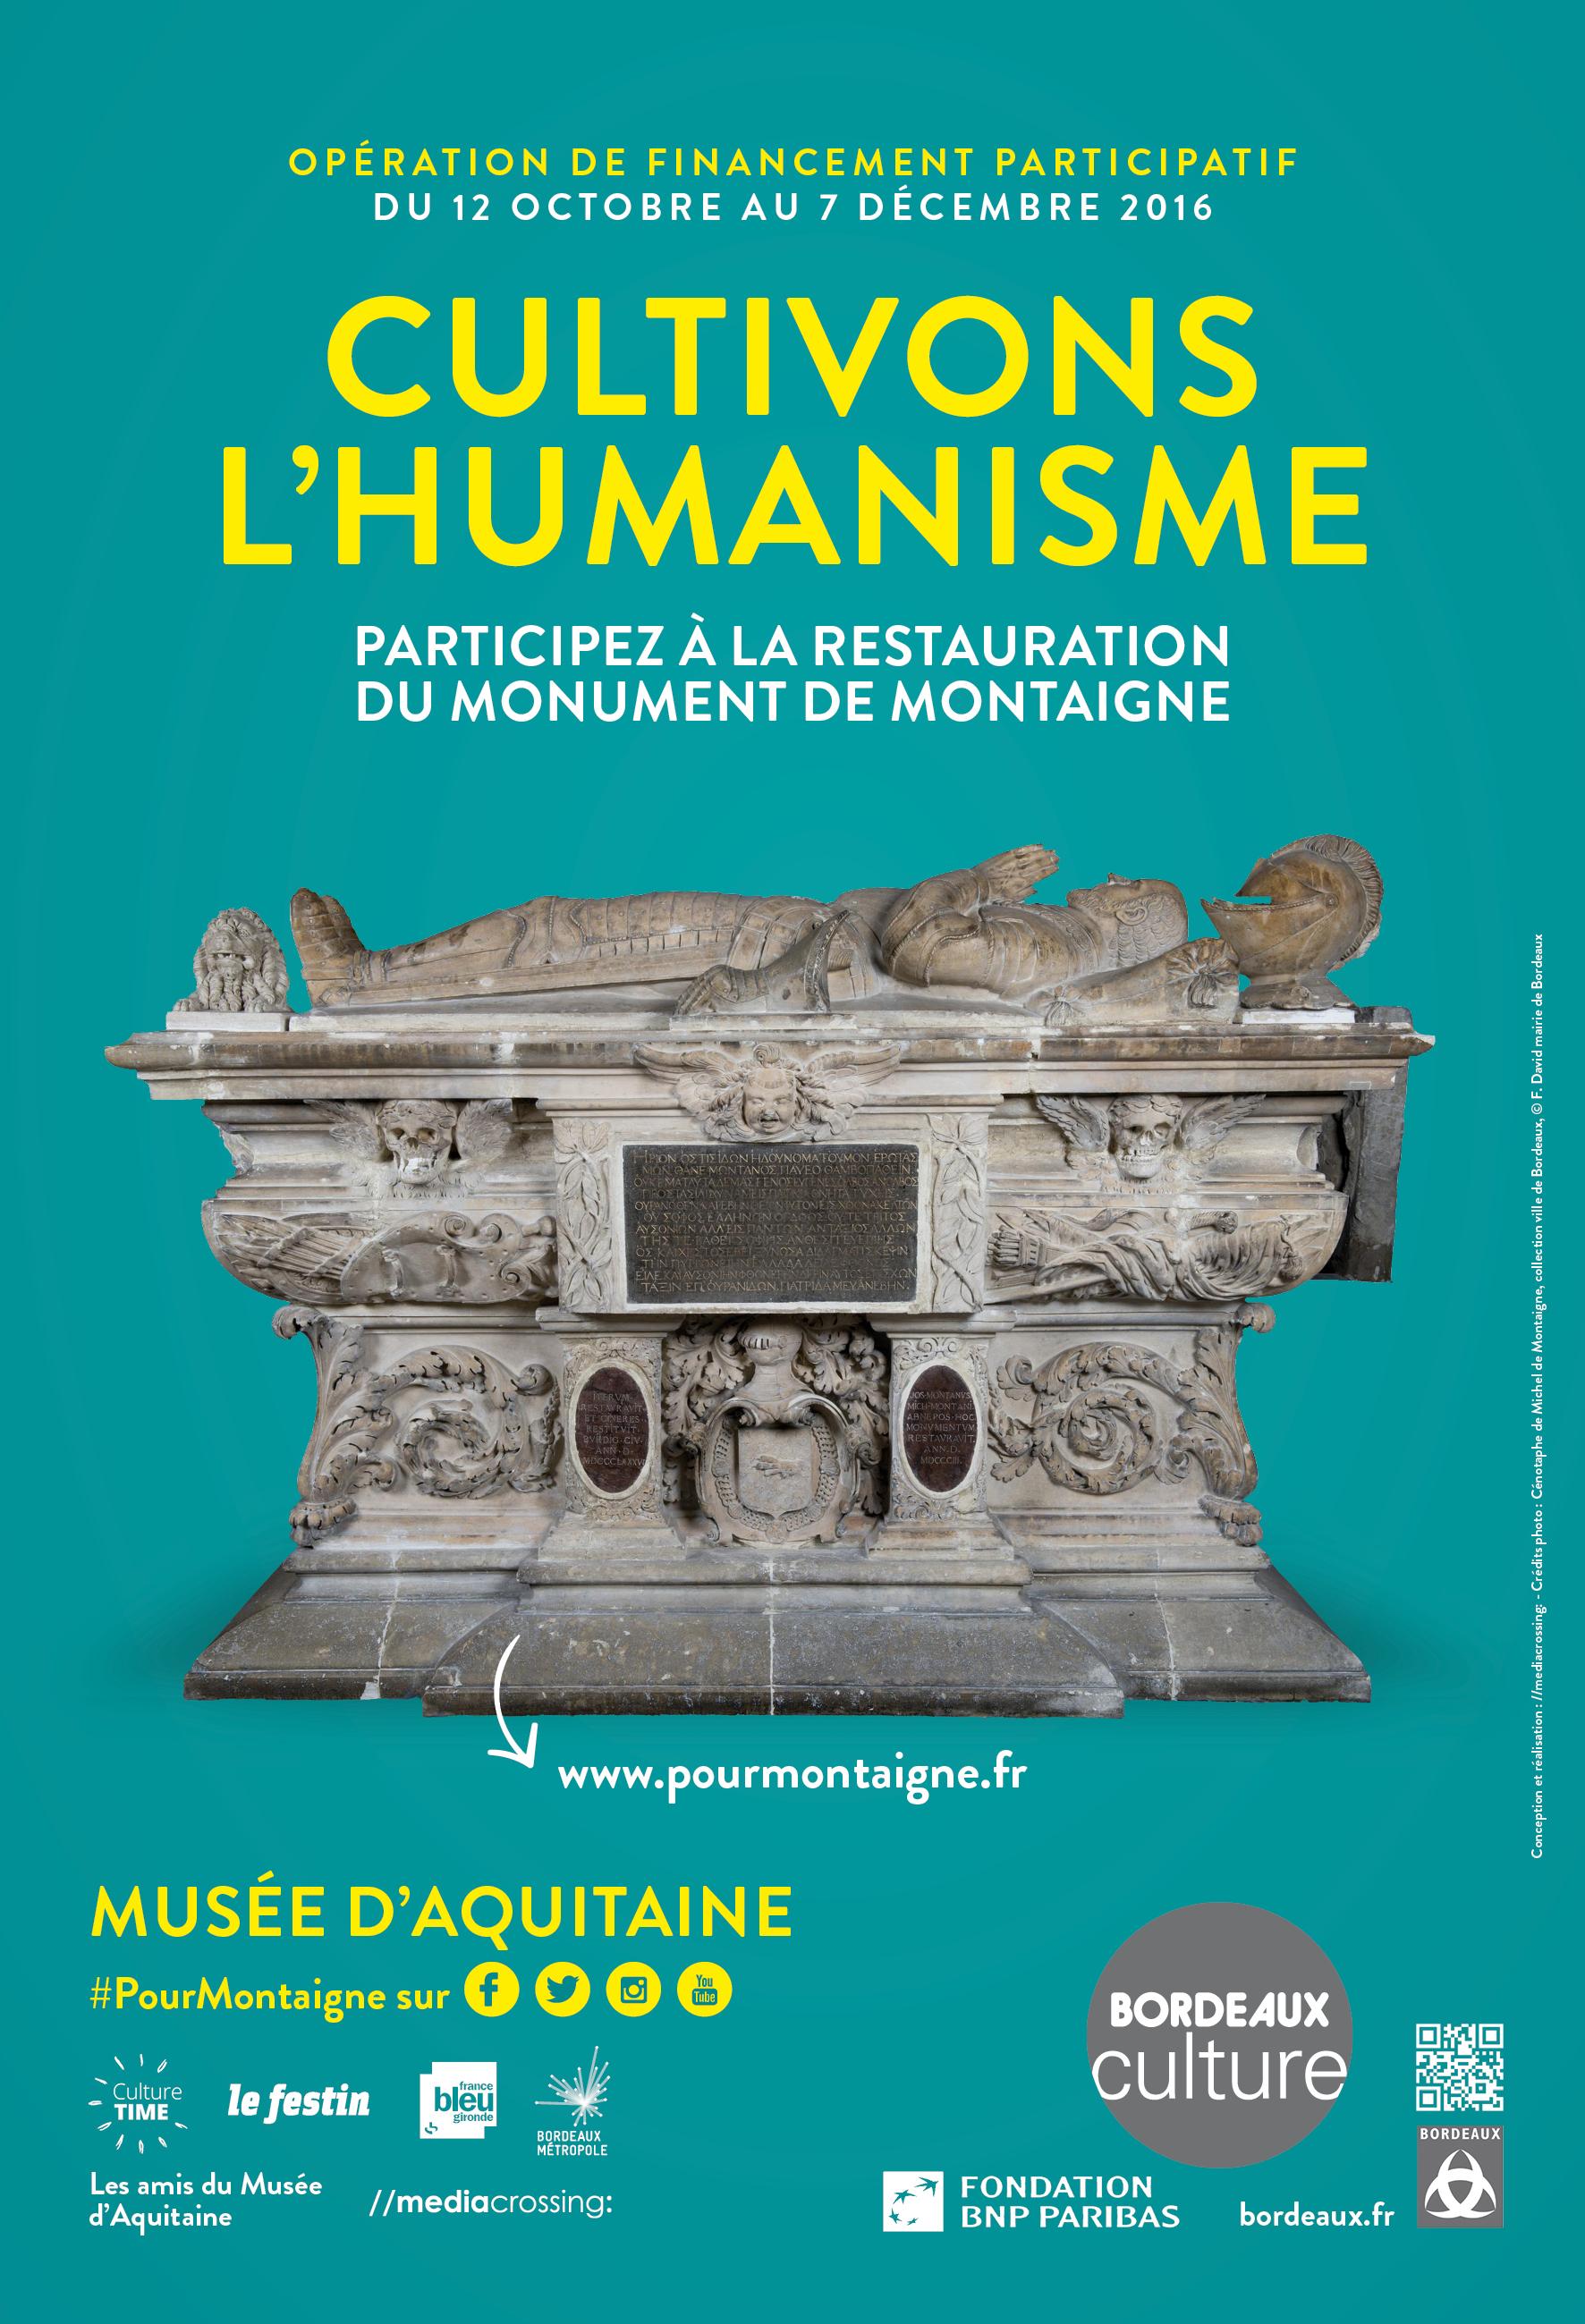 Affiche #PourMontaigne